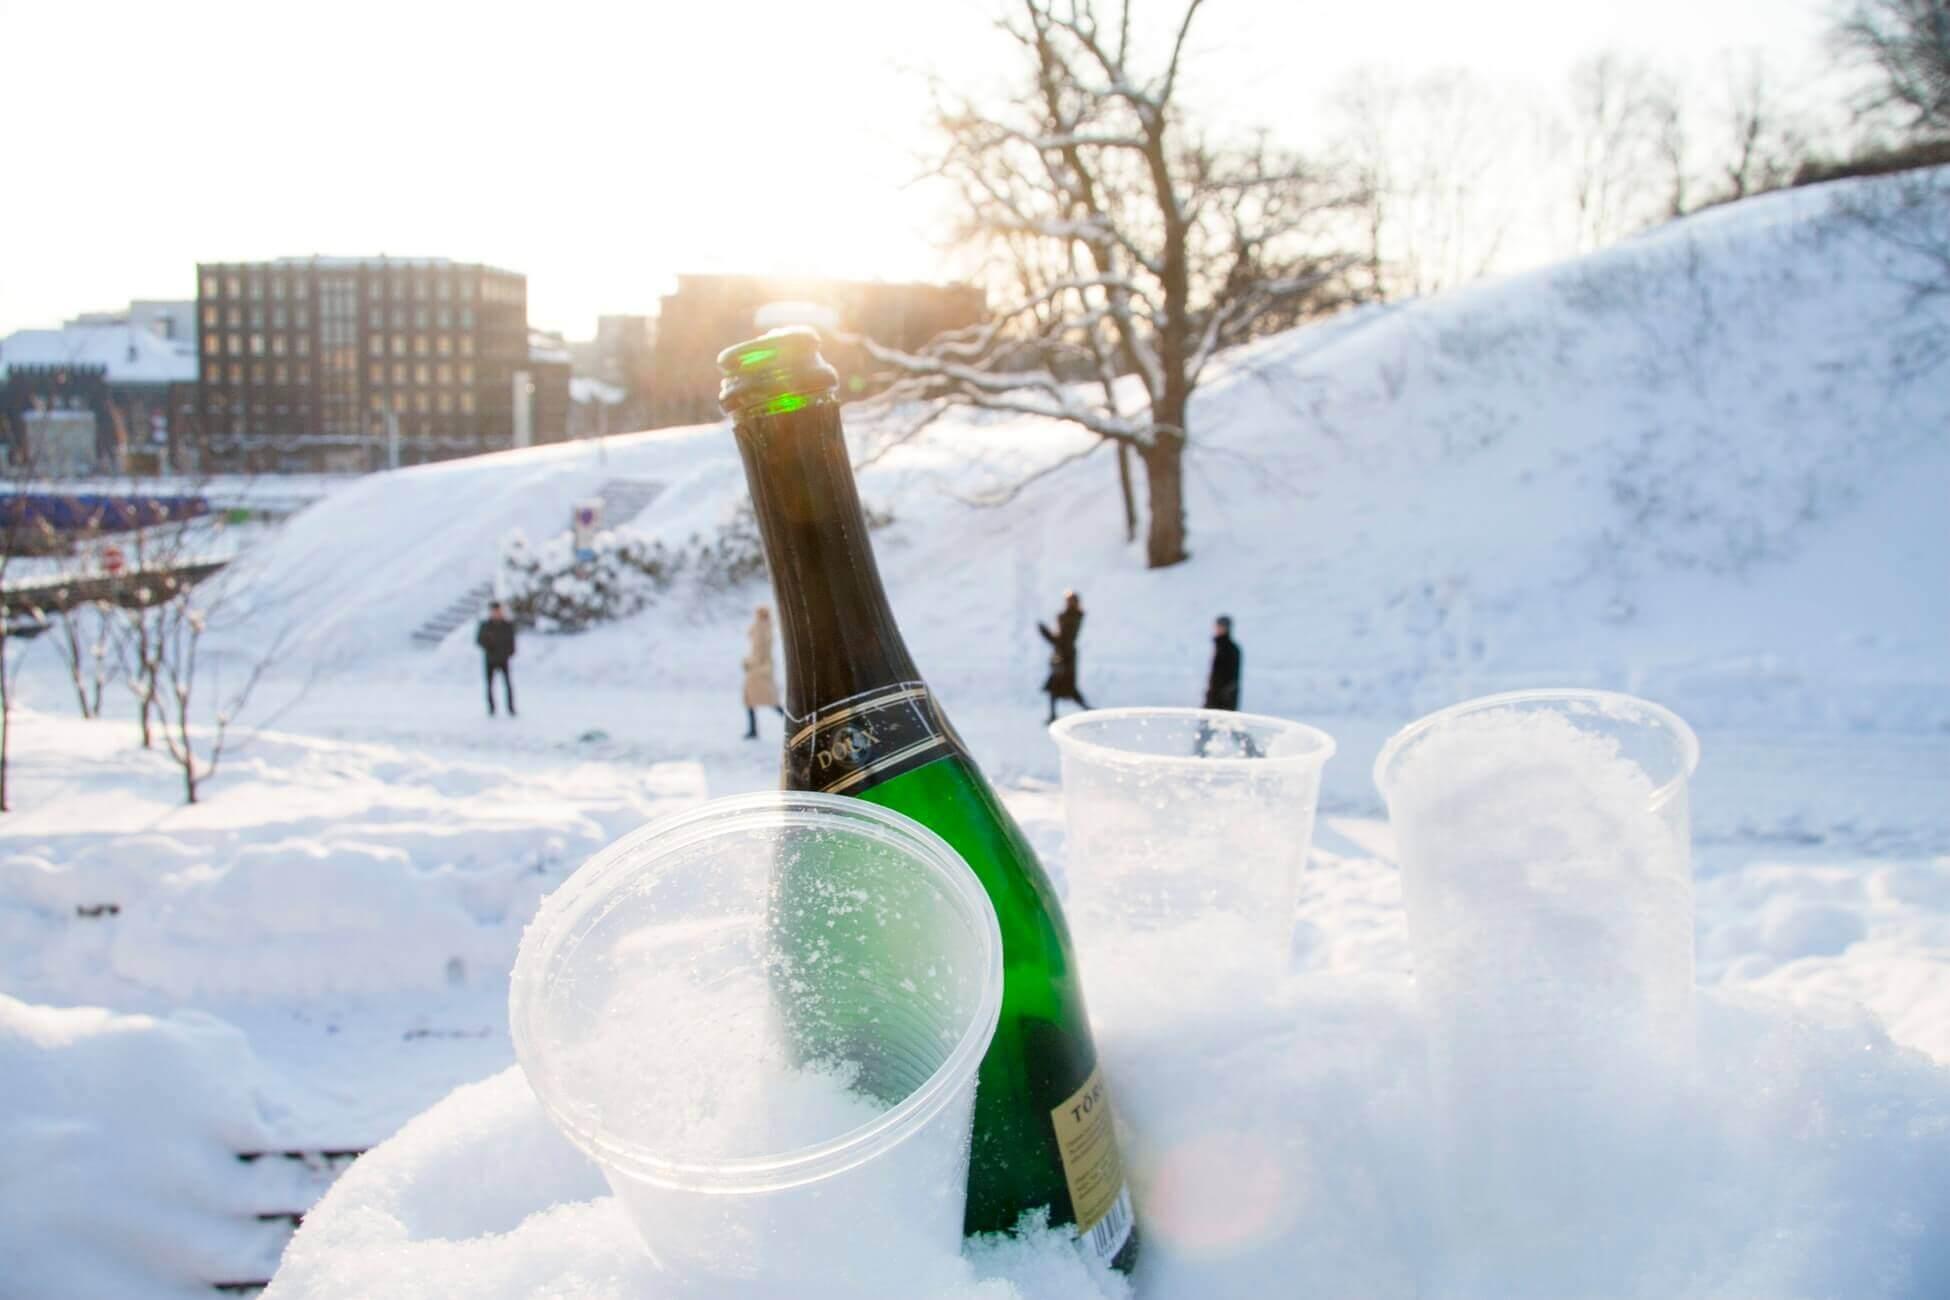 Поясним за новости: эстонцы ограничили продажу алкоголя в клубах